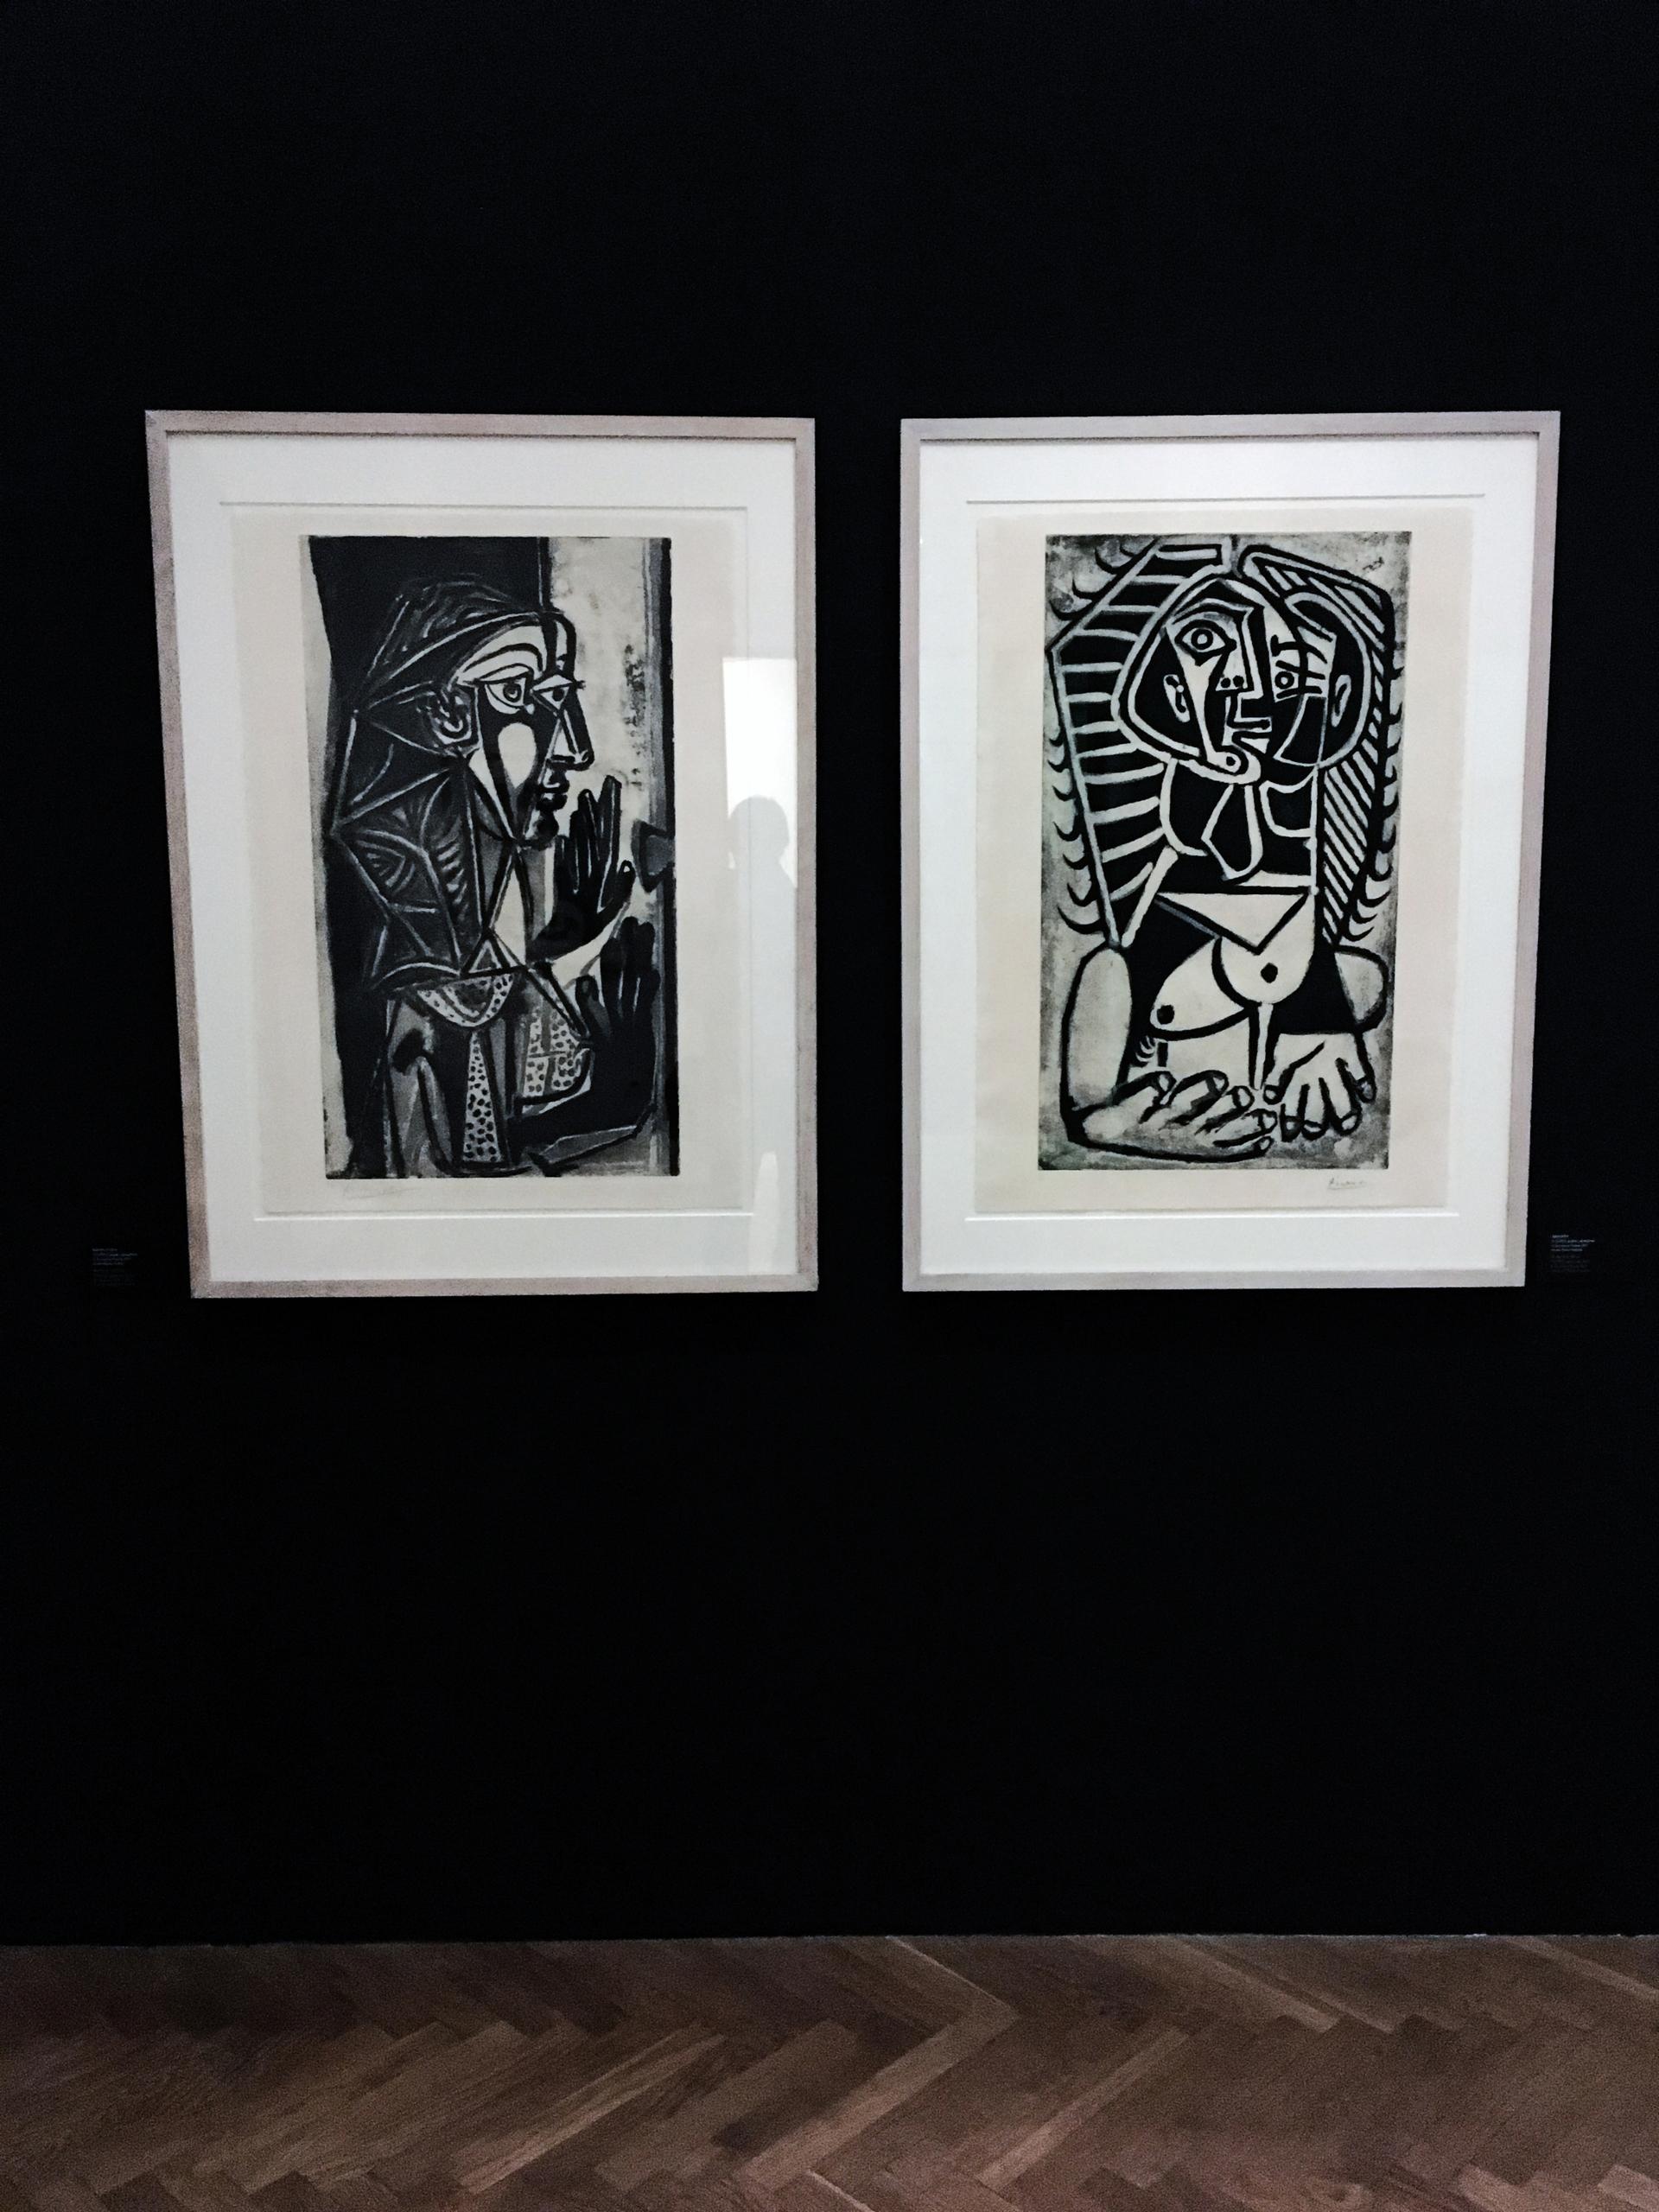 Zdjęcie przedstawia dwie prace wykonane w technice graficznej, powieszone na czarnej ścianie.